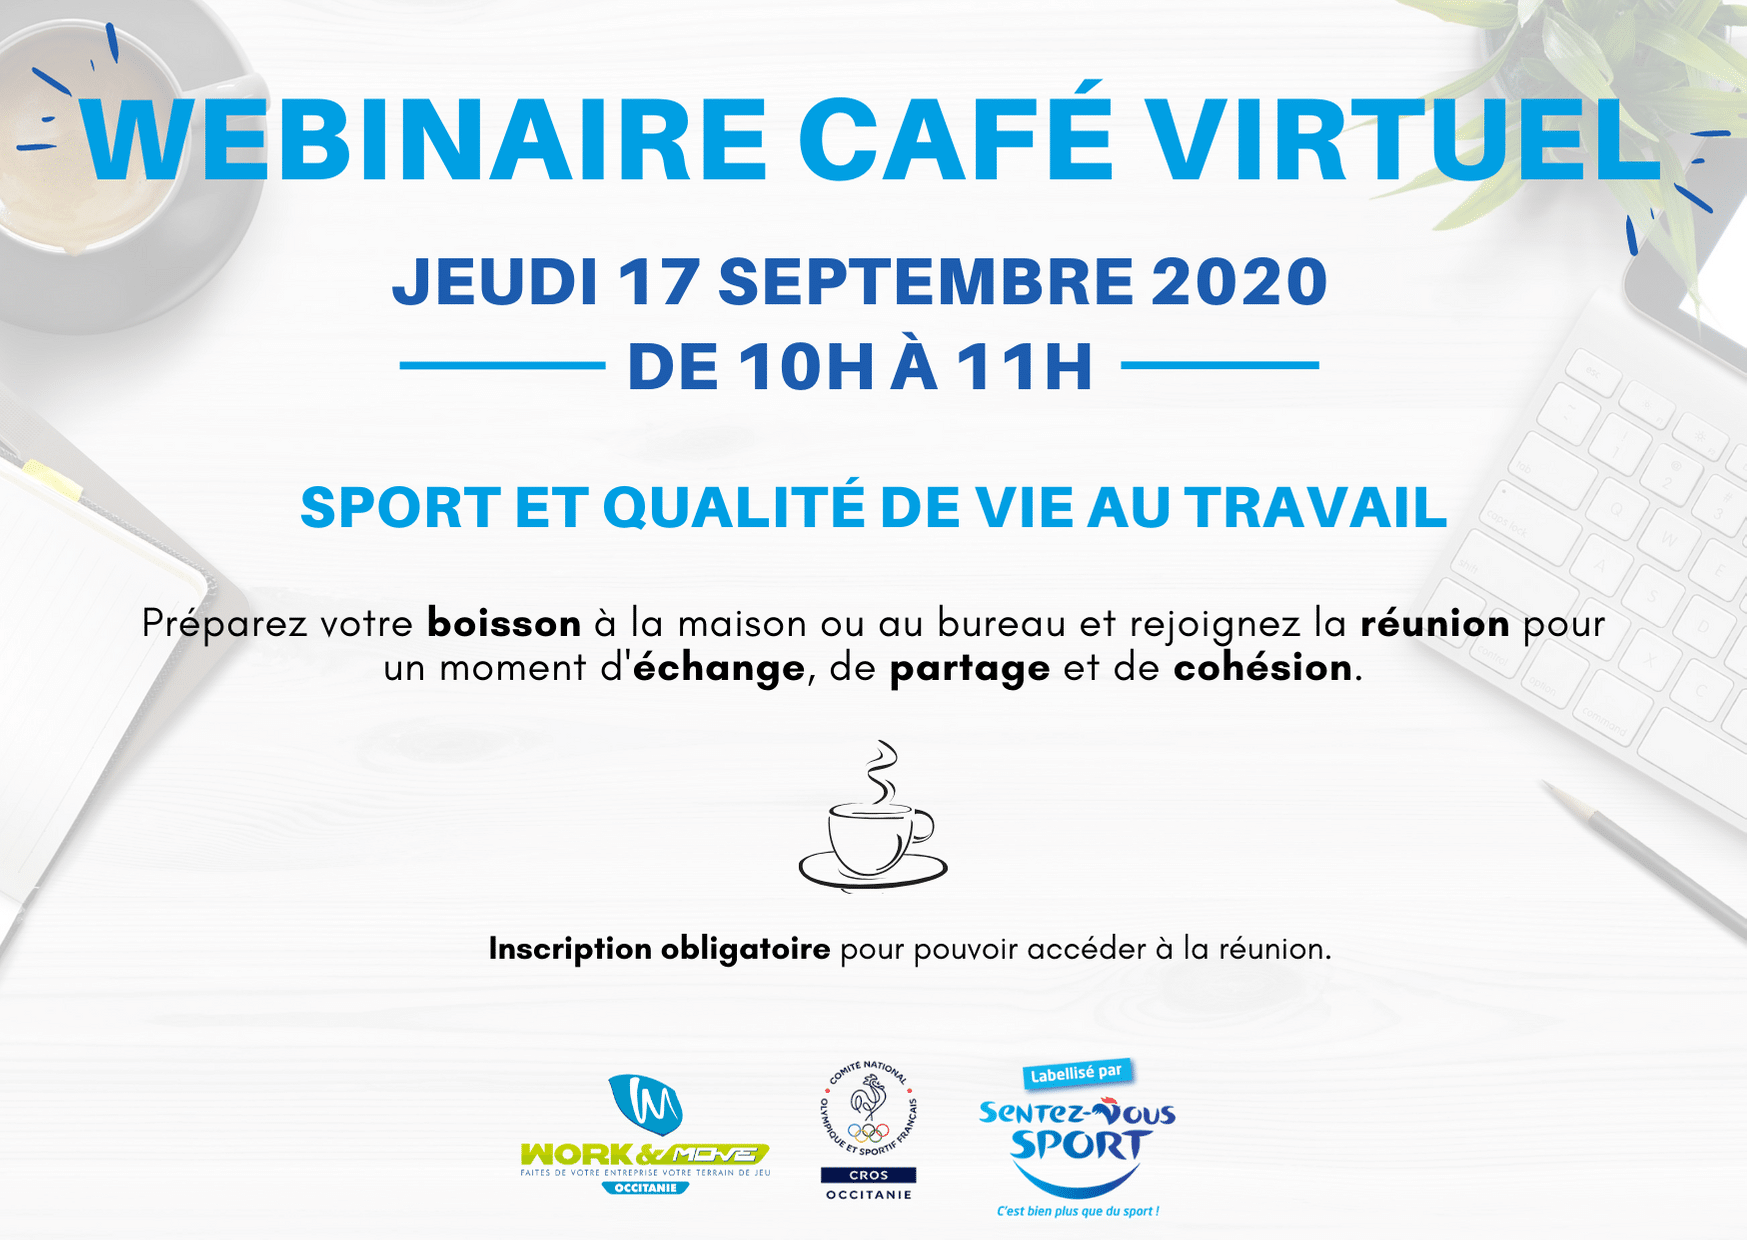 Webinair café virtuel